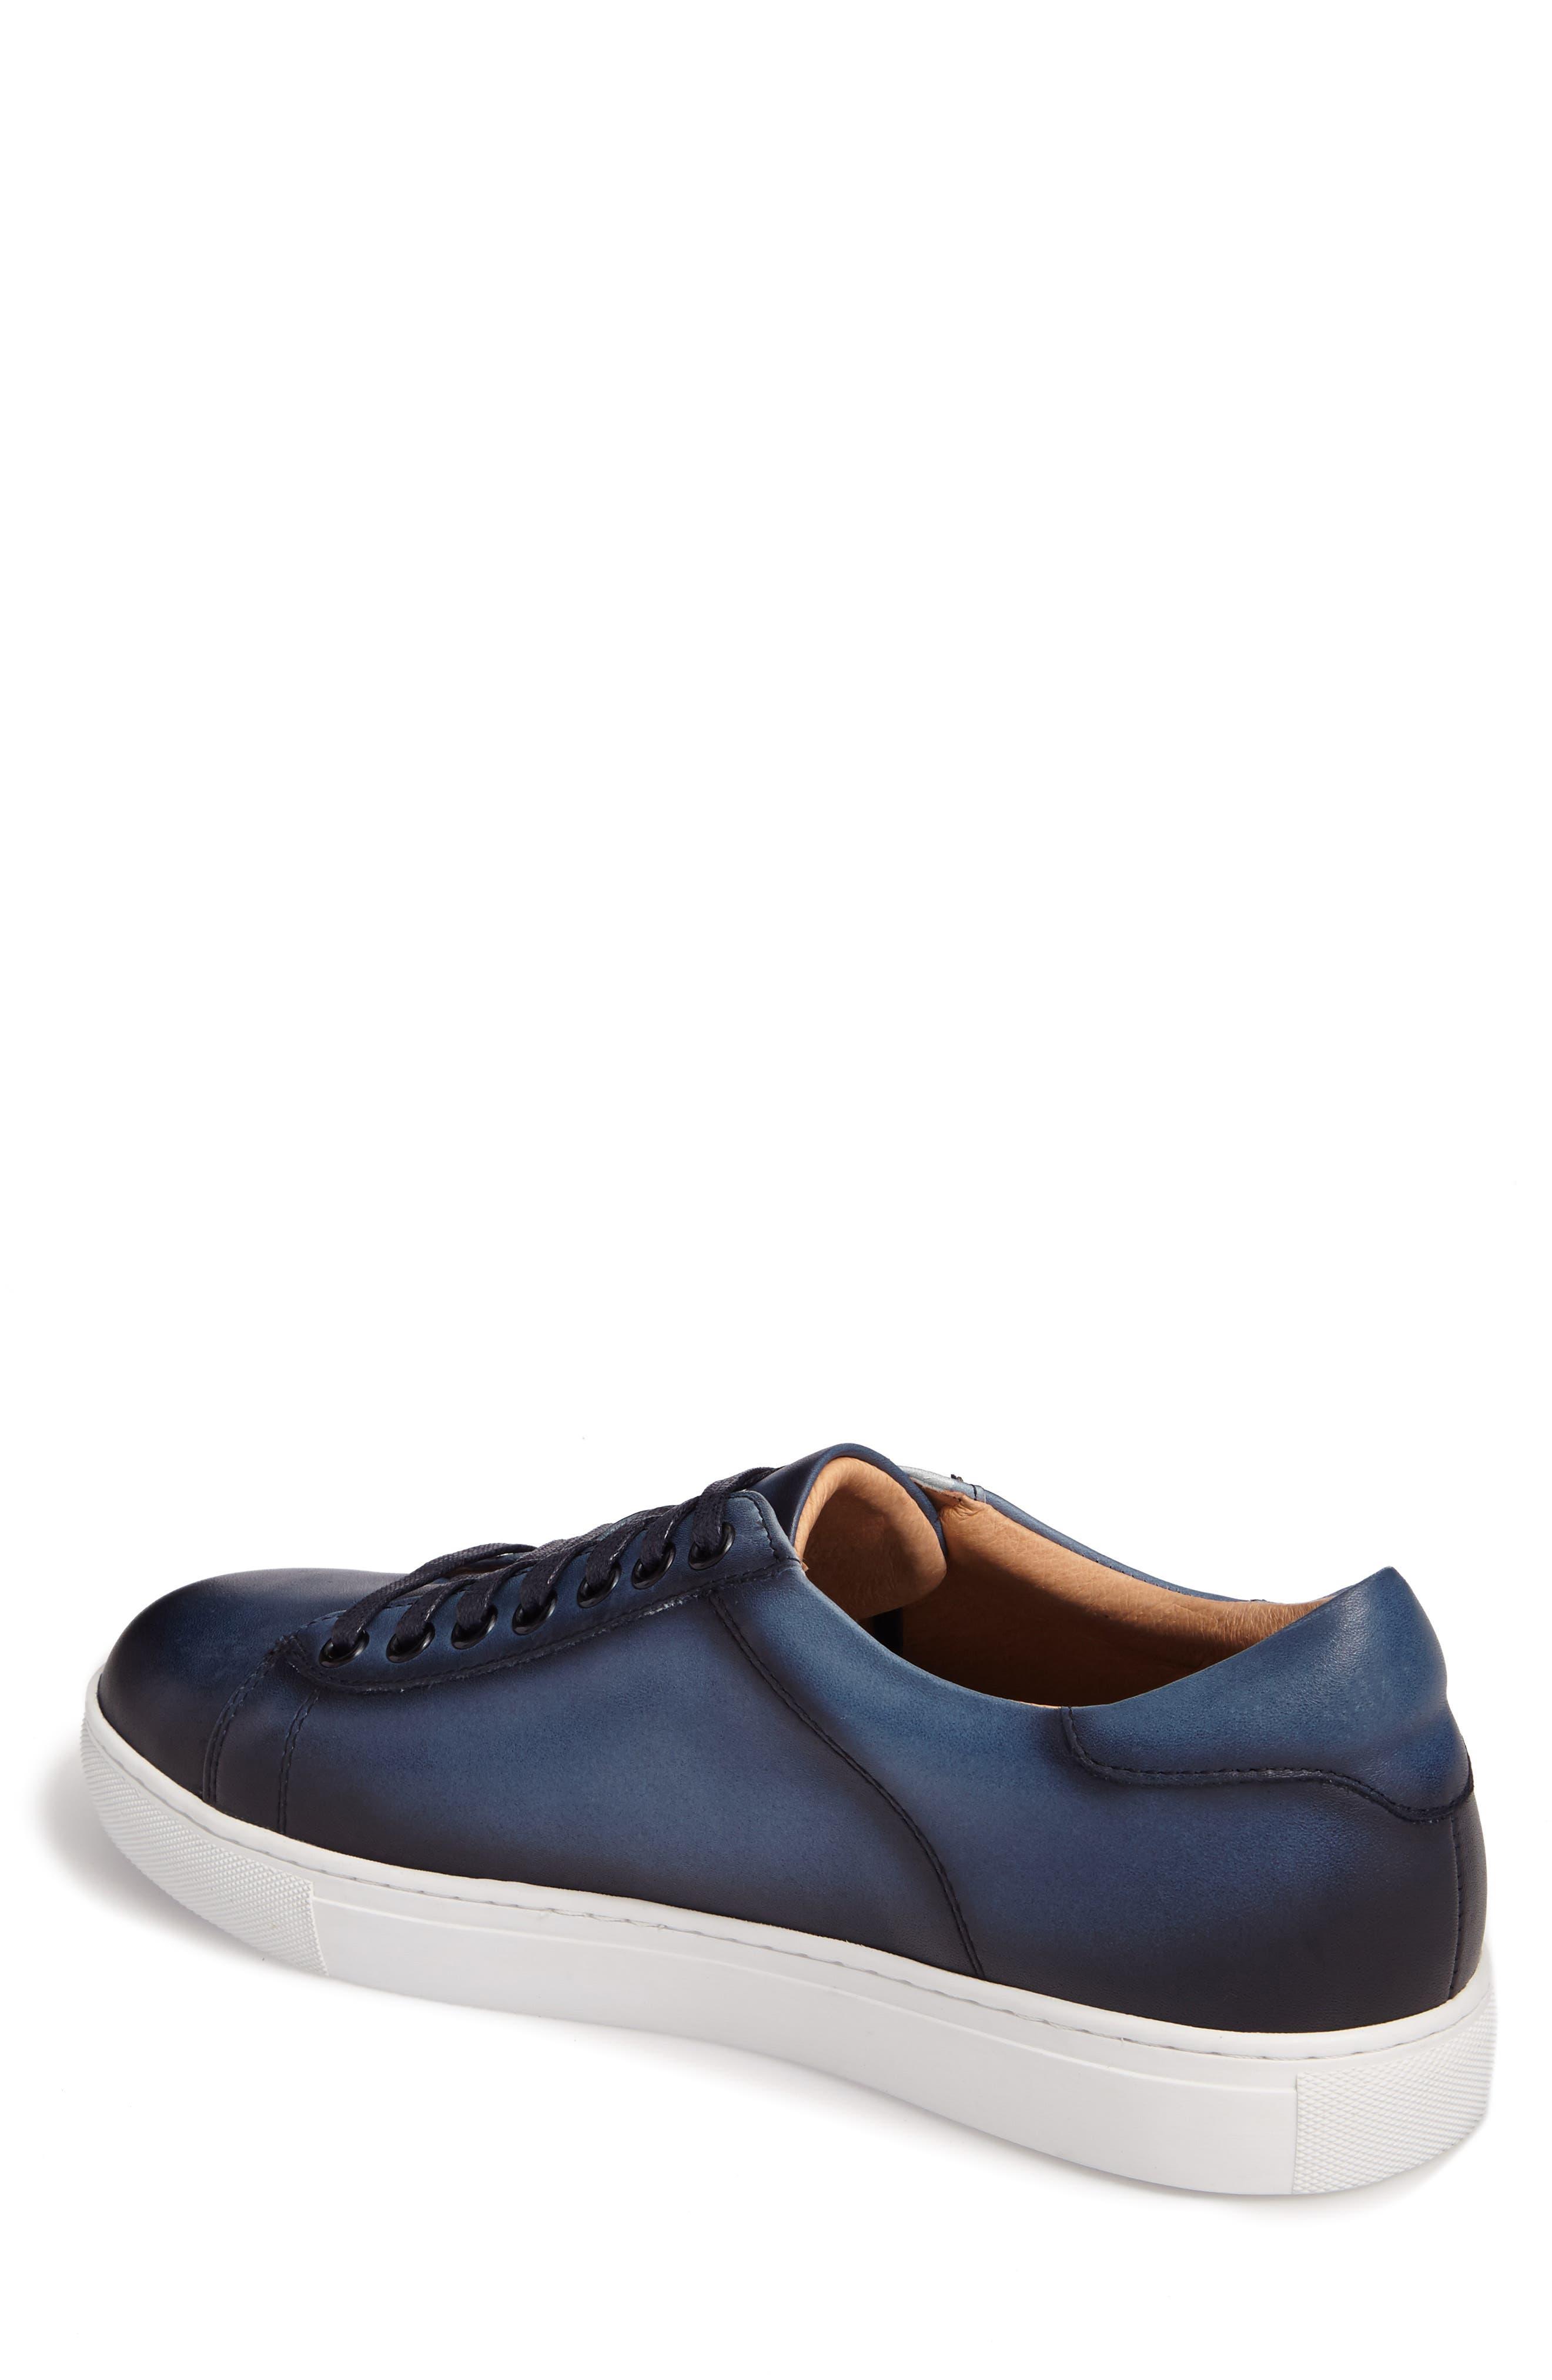 Penrose Sneaker,                             Alternate thumbnail 2, color,                             410